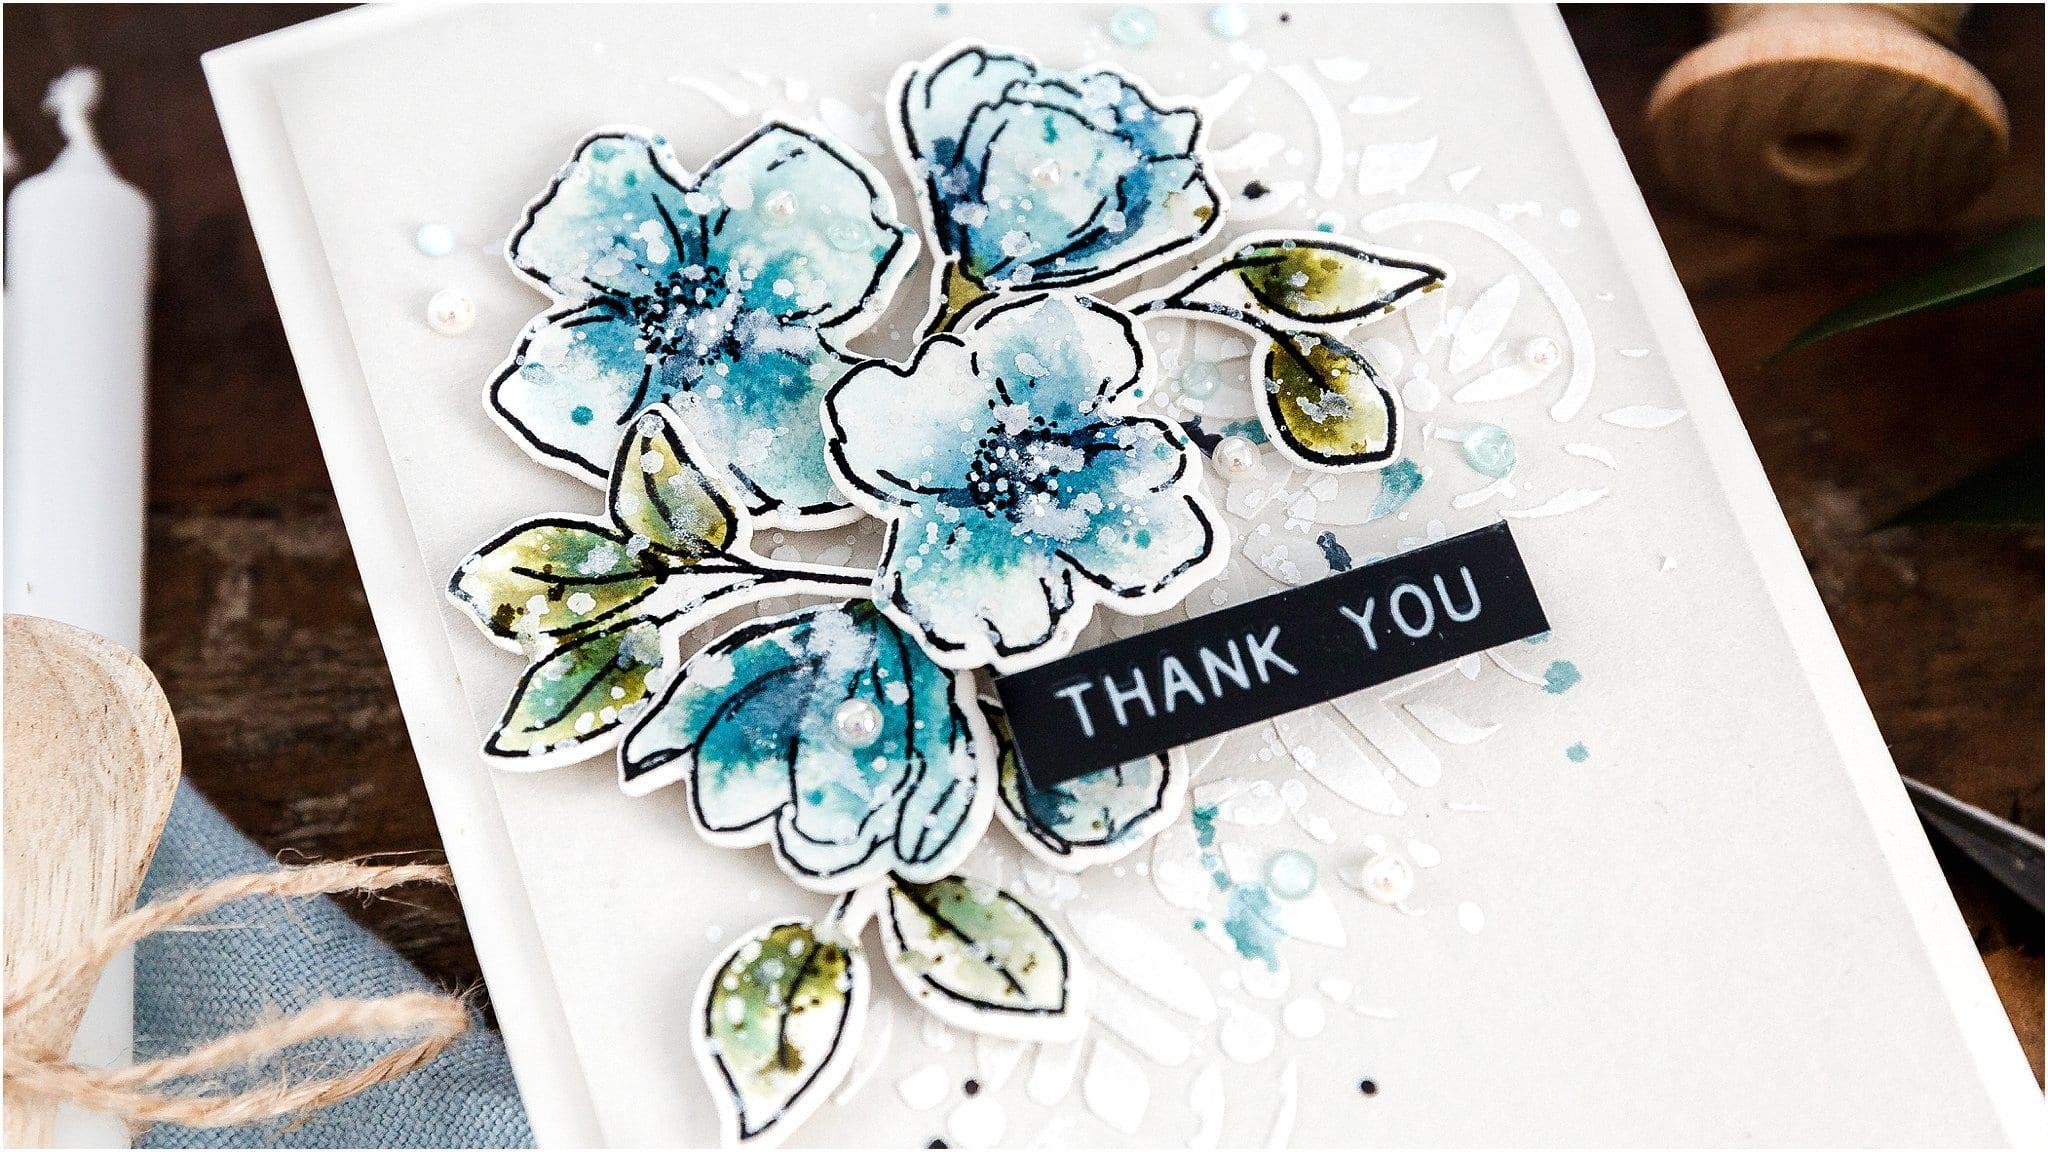 Video - watercoloured stamped flowers using Distress Inks. Handmade card by Debby Hughes #debbyhughes #limedoodledesign #handmadecards #cardmaking #cardmakingideas #cardmakingtechniques  #cardmakingtutorials #handmadecardideas #simonsaysstamp